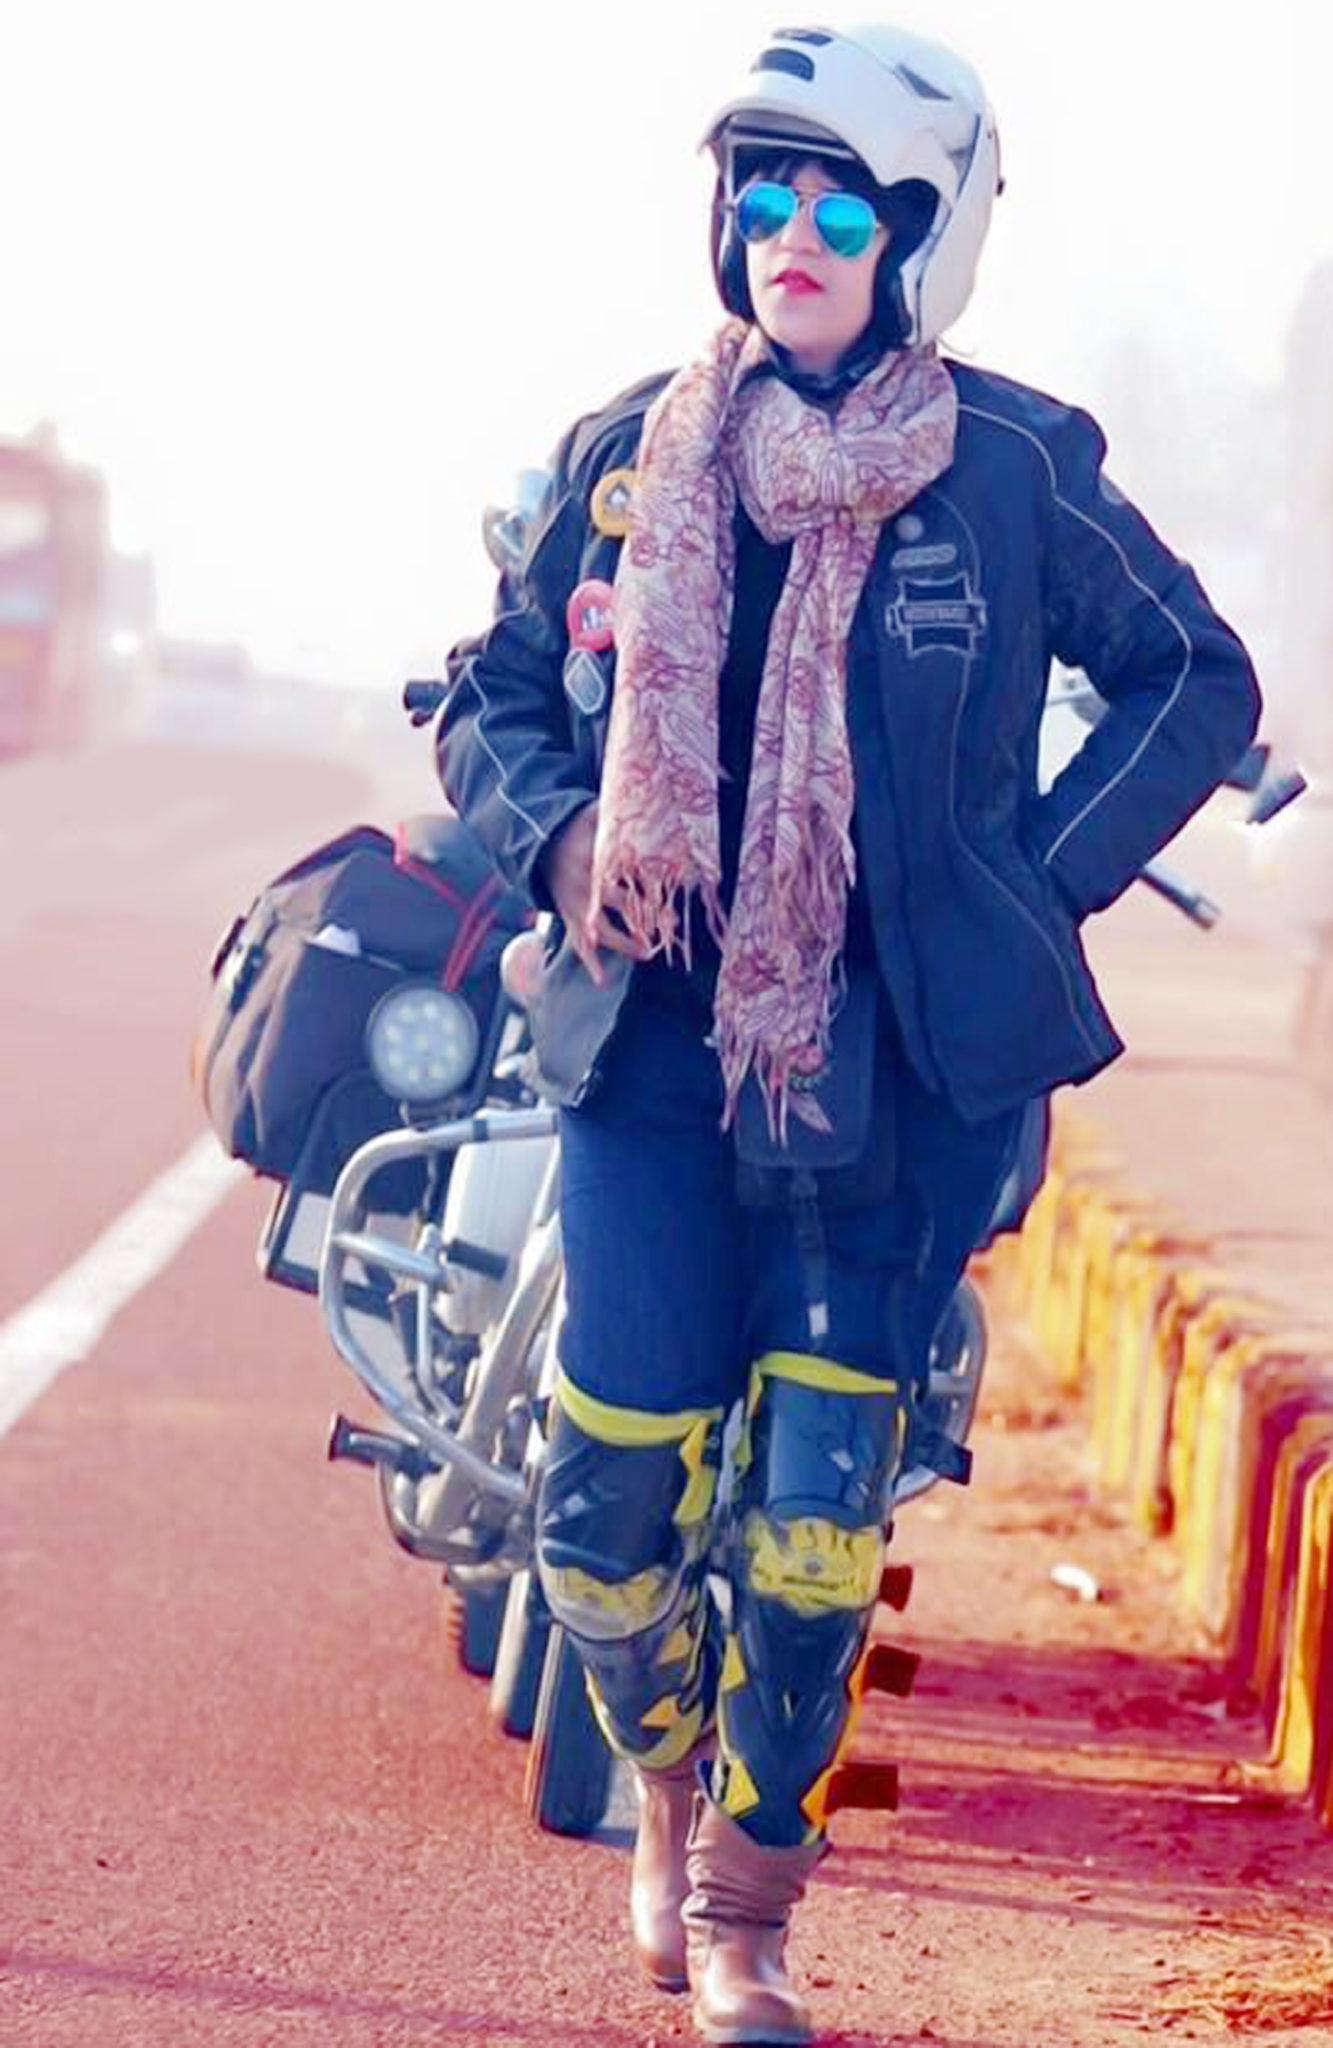 വാഹനാപകടം: ഇന്ത്യ മുഴുവന് ബുള്ളറ്റില് പര്യടനം നടത്തിയ സന ഇഖ്ബാല് മരിച്ചു